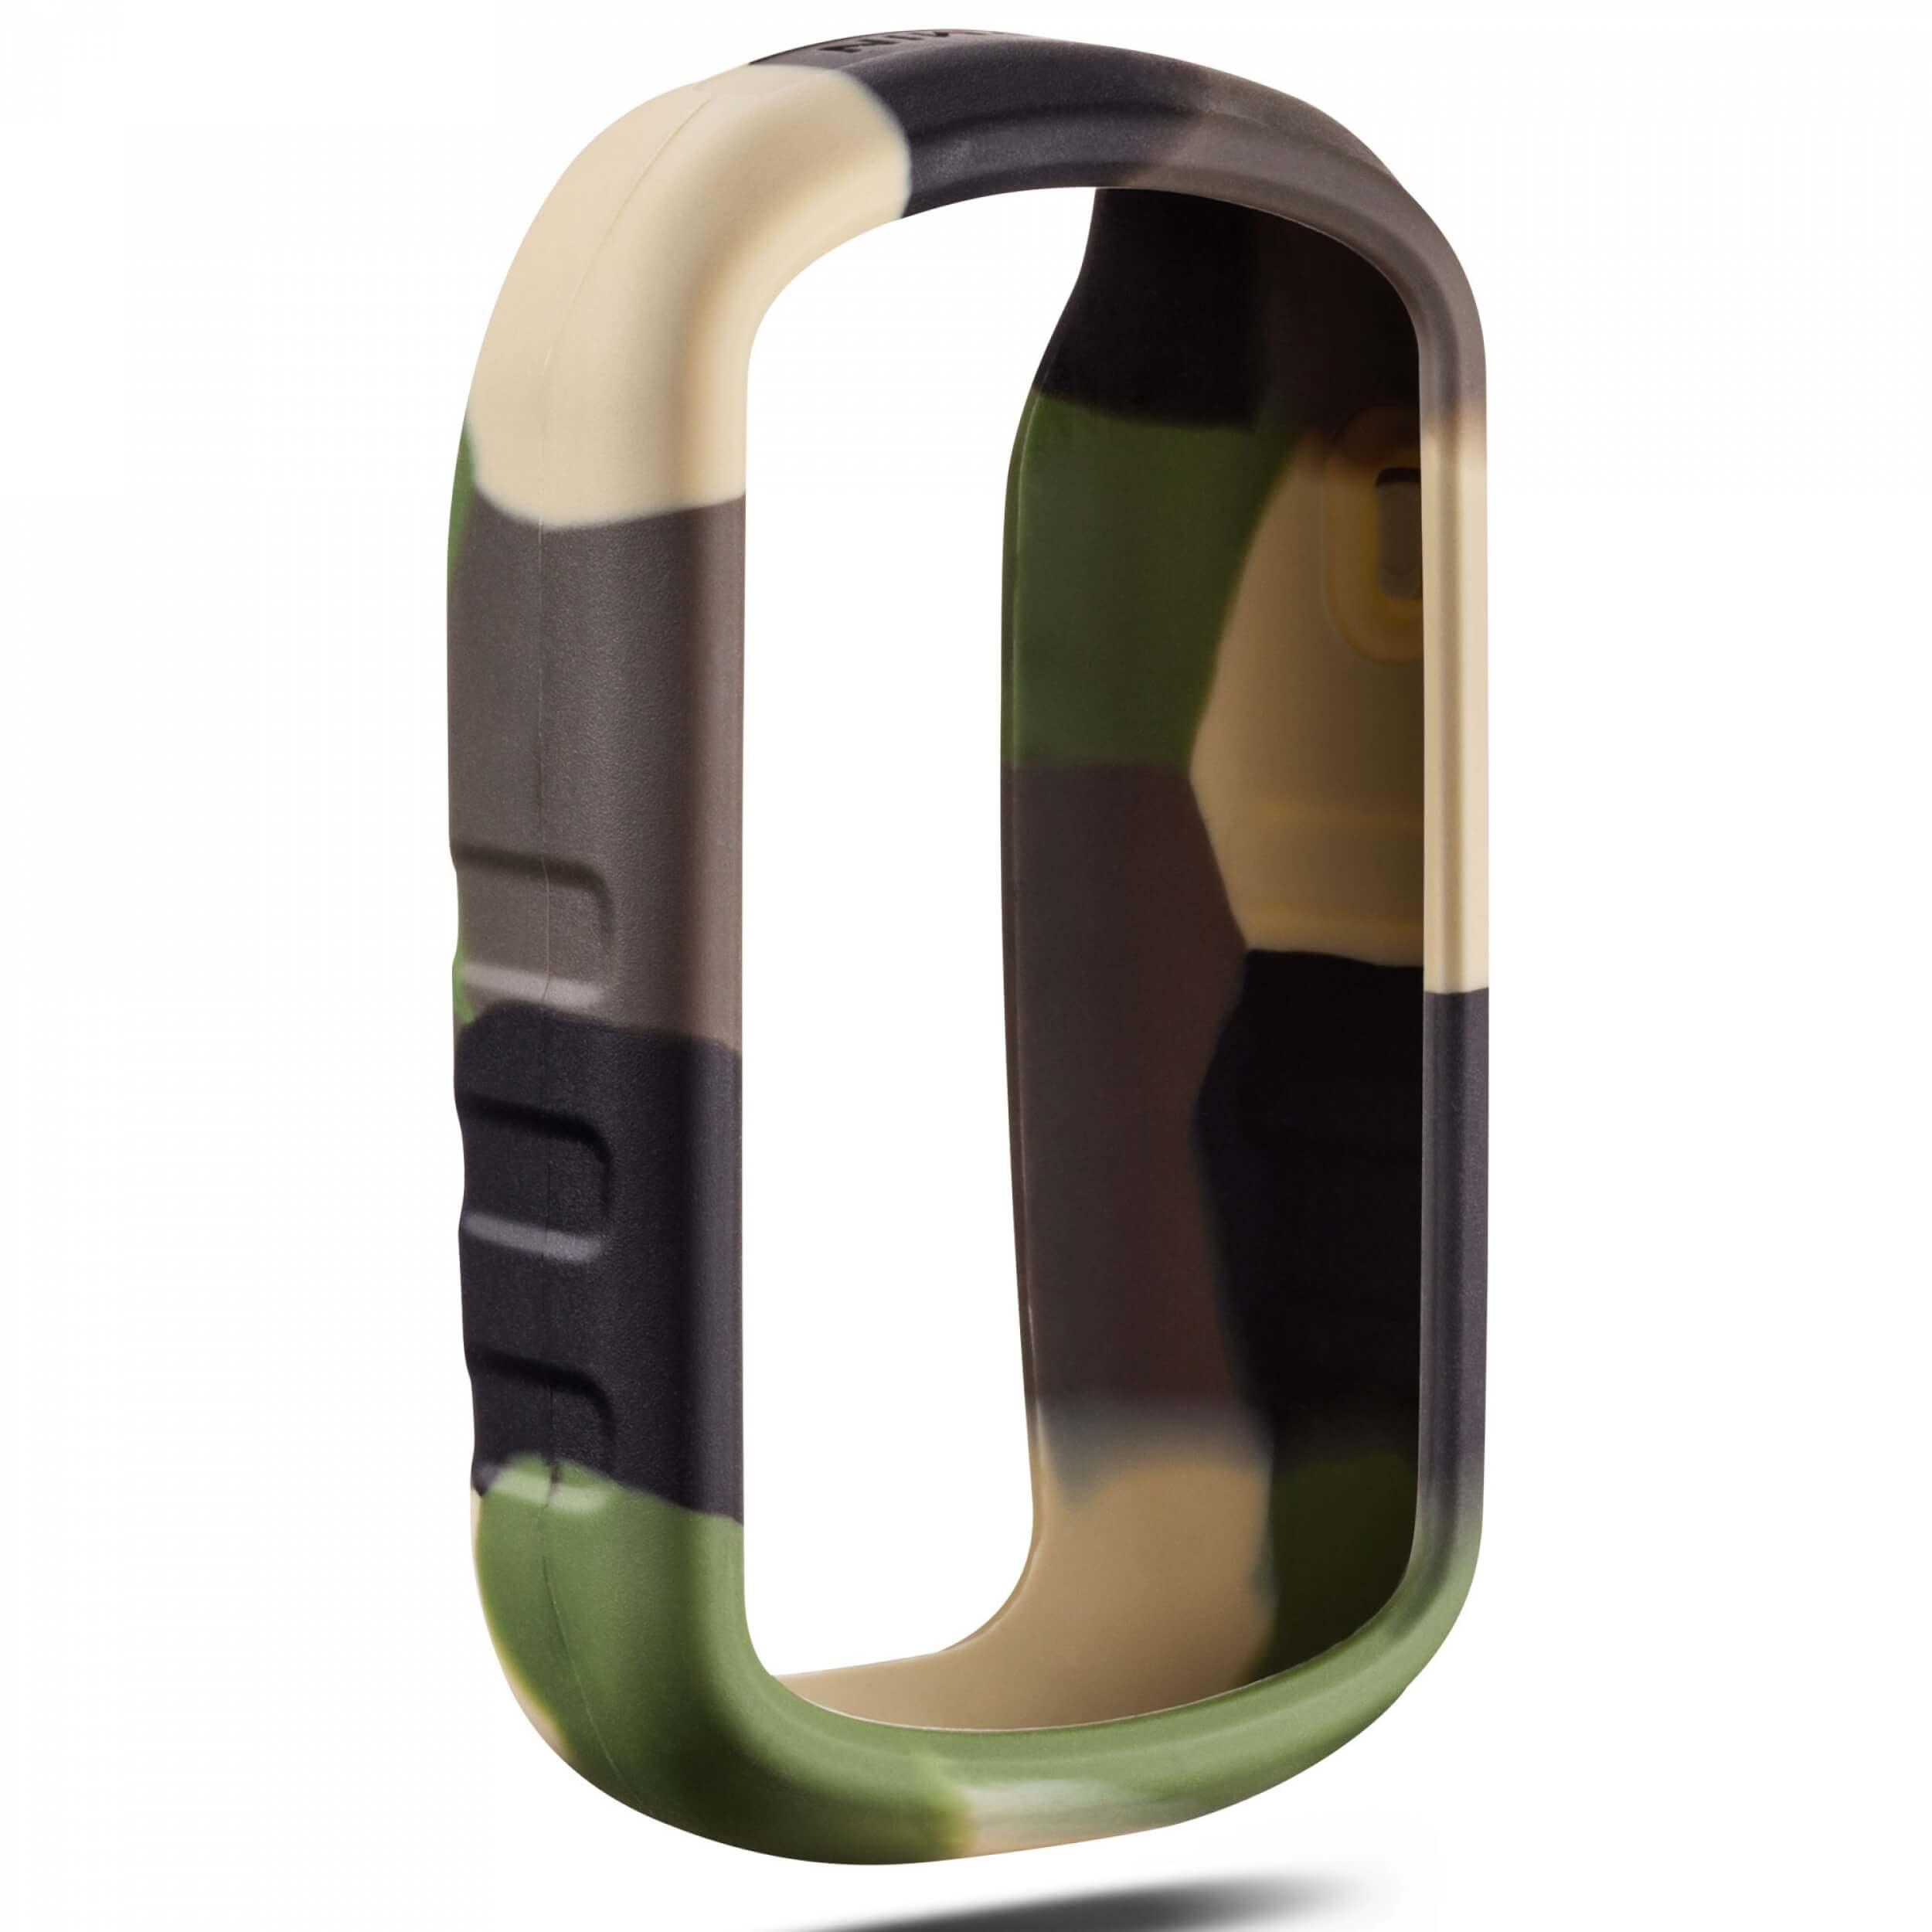 GARMIN Schutzhülle eTrex Touch, camouflage